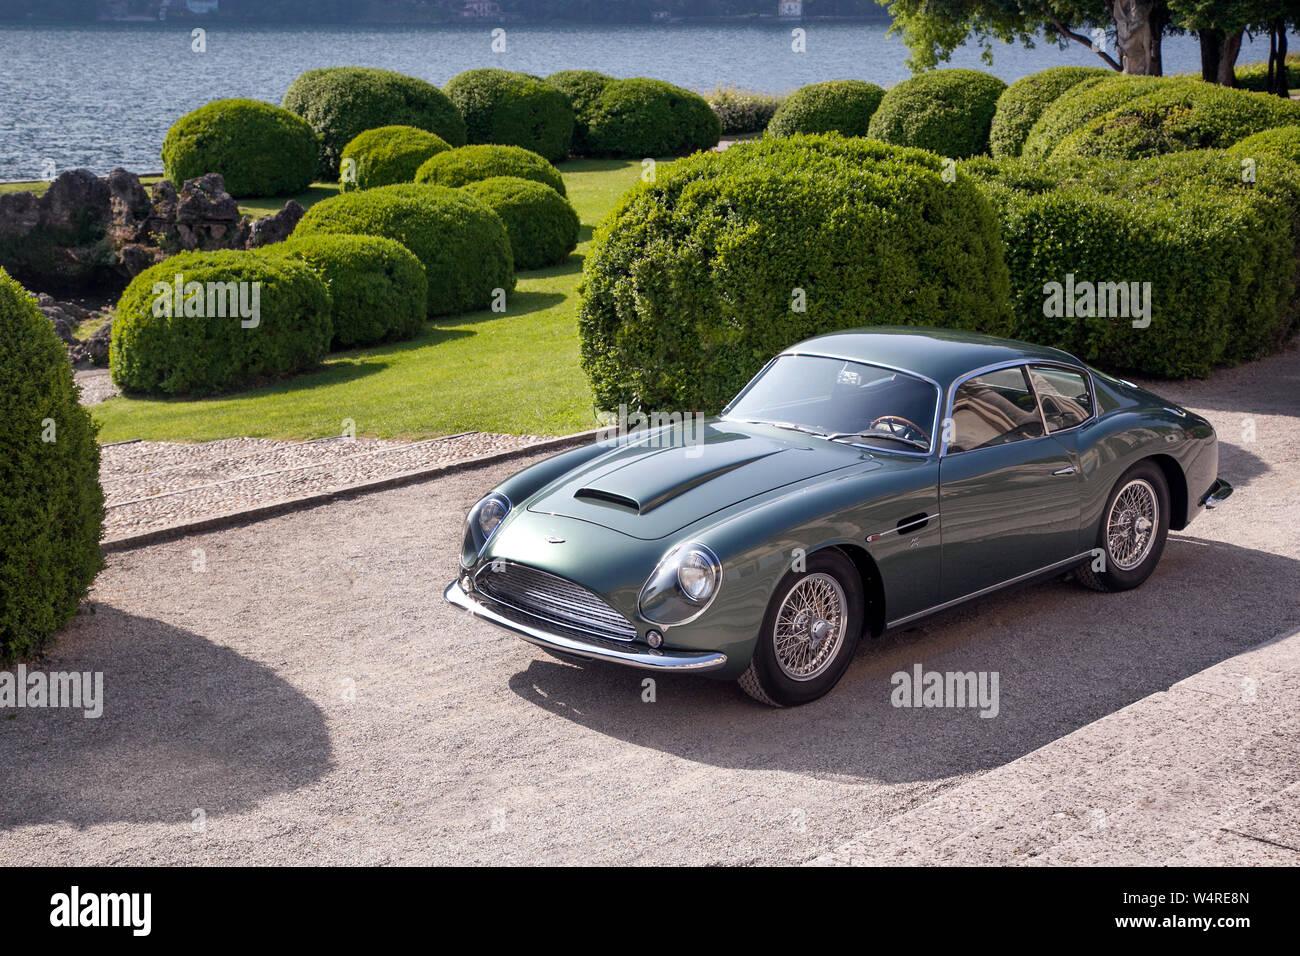 Aston Martin Db4 Gt Zagato Stockfotos Und Bilder Kaufen Alamy